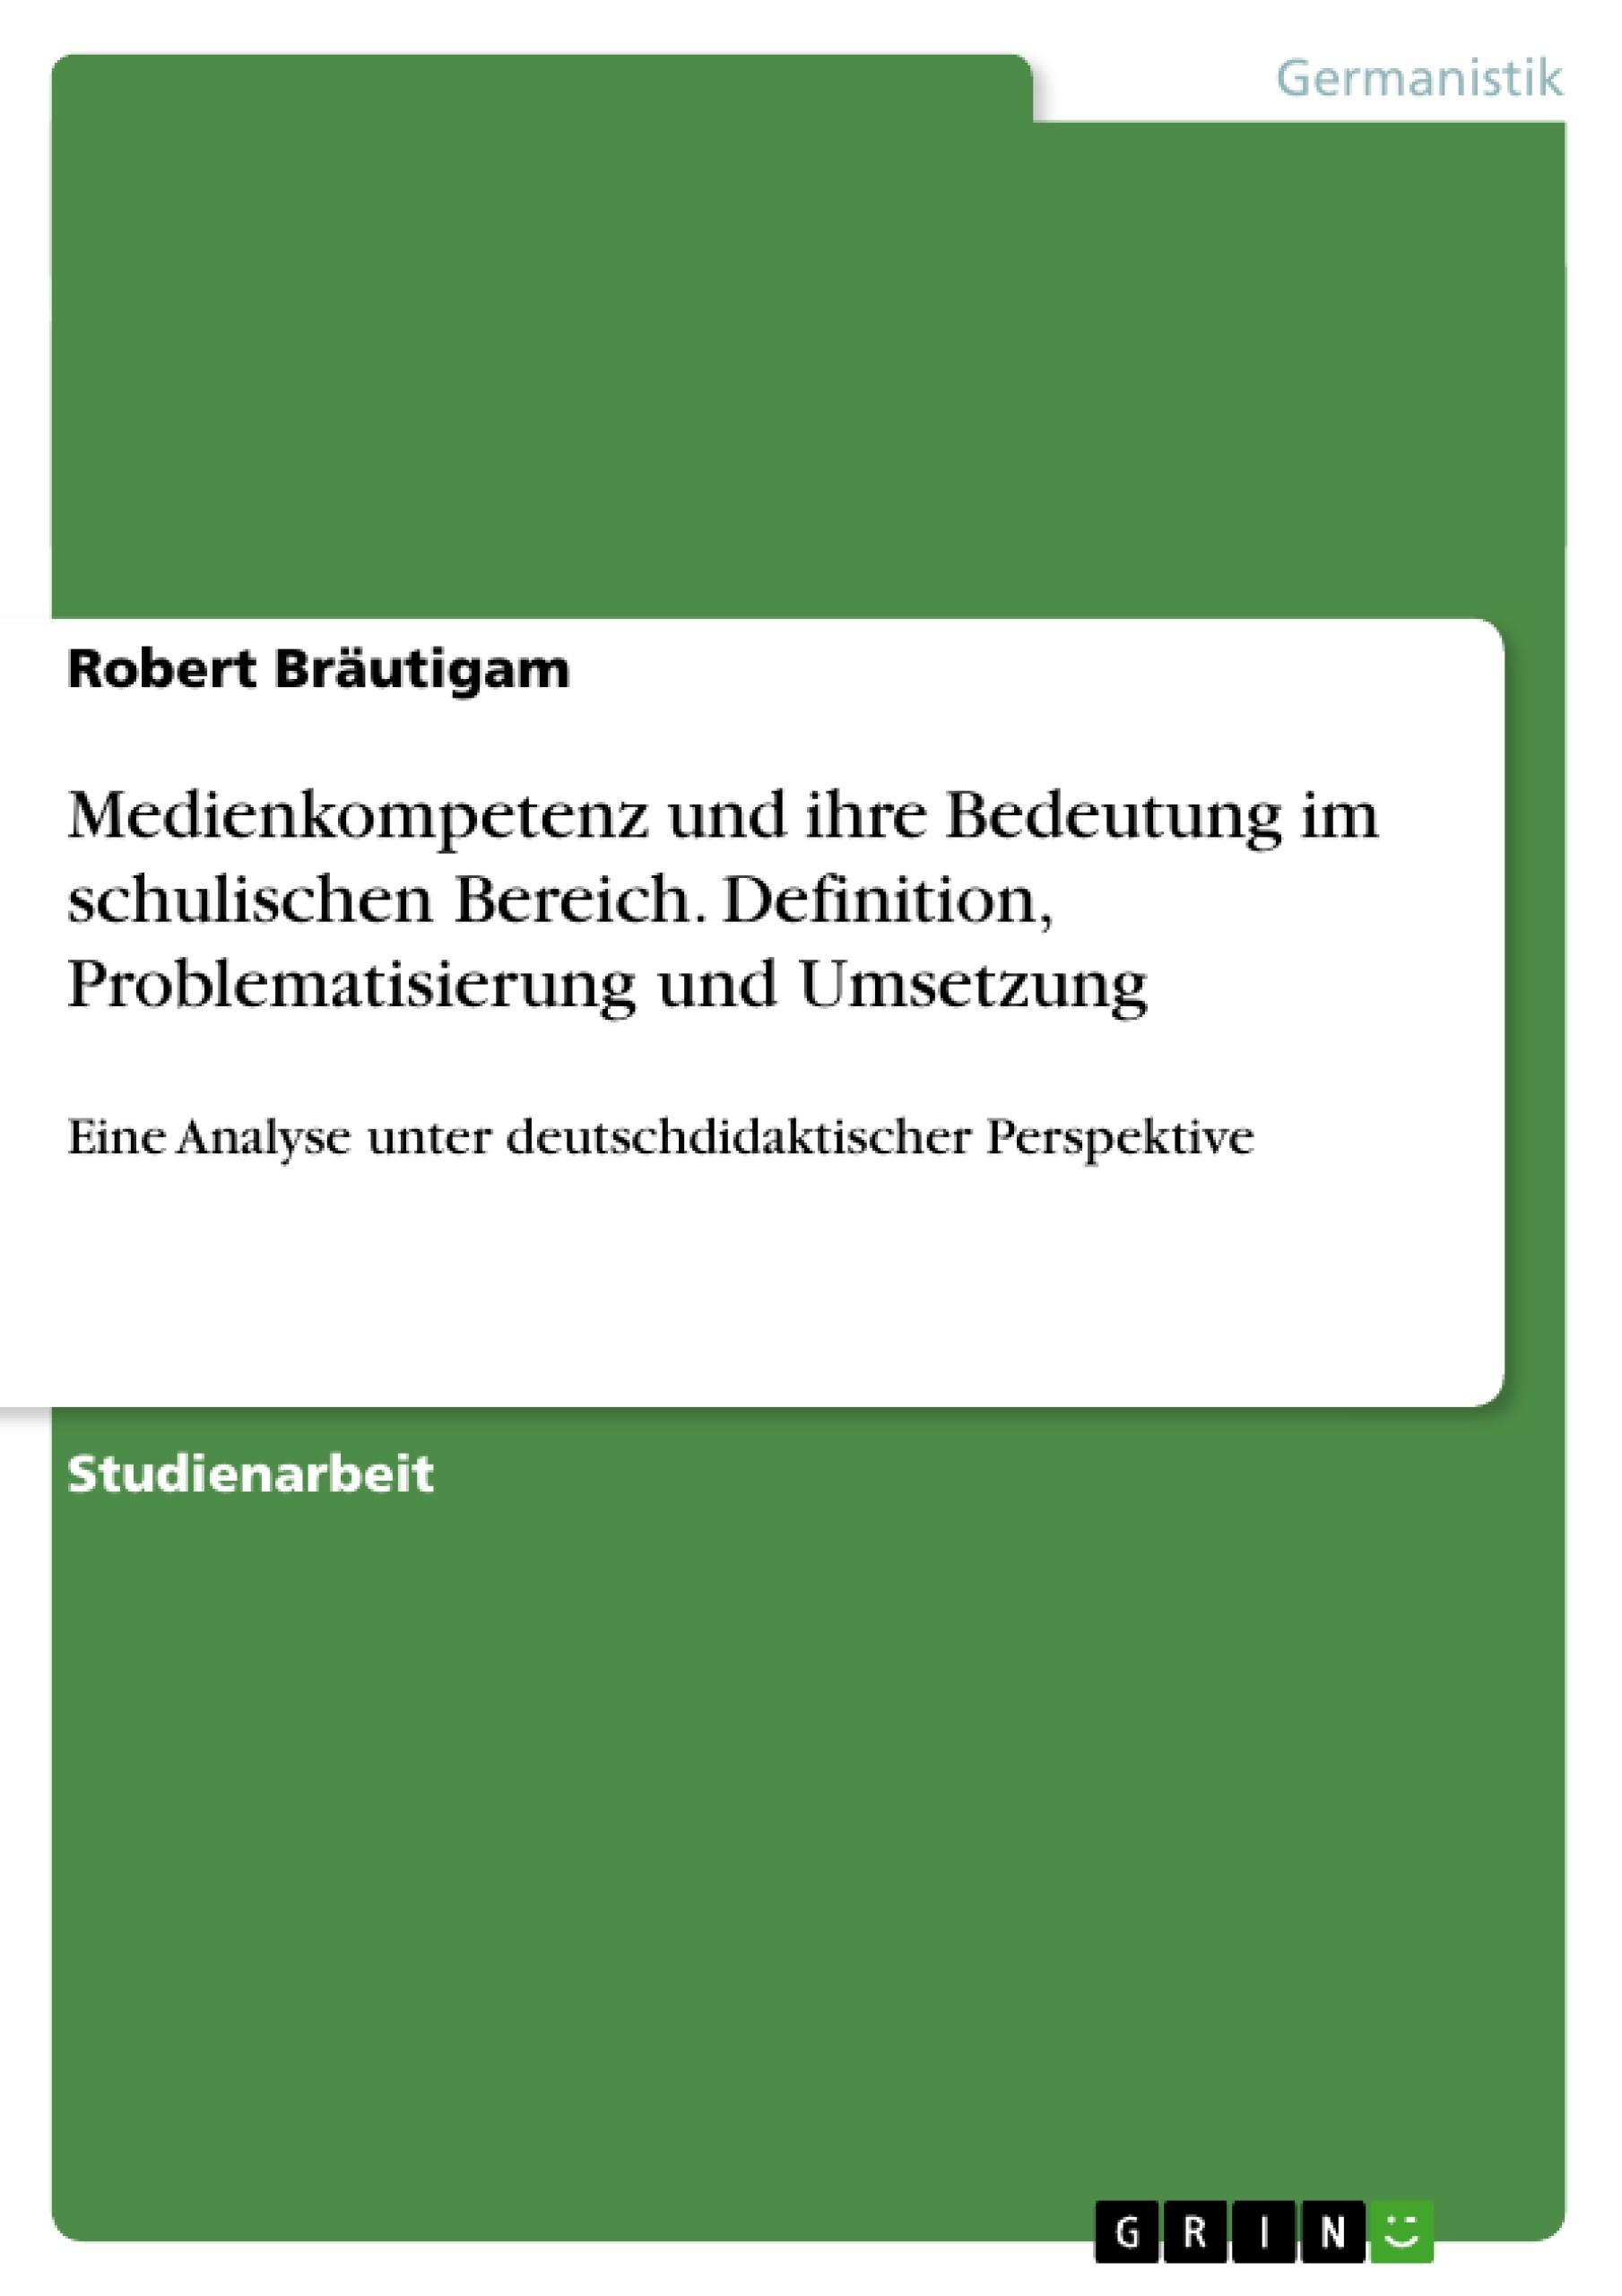 Titel: Medienkompetenz und ihre Bedeutung im schulischen Bereich. Definition, Problematisierung und Umsetzung